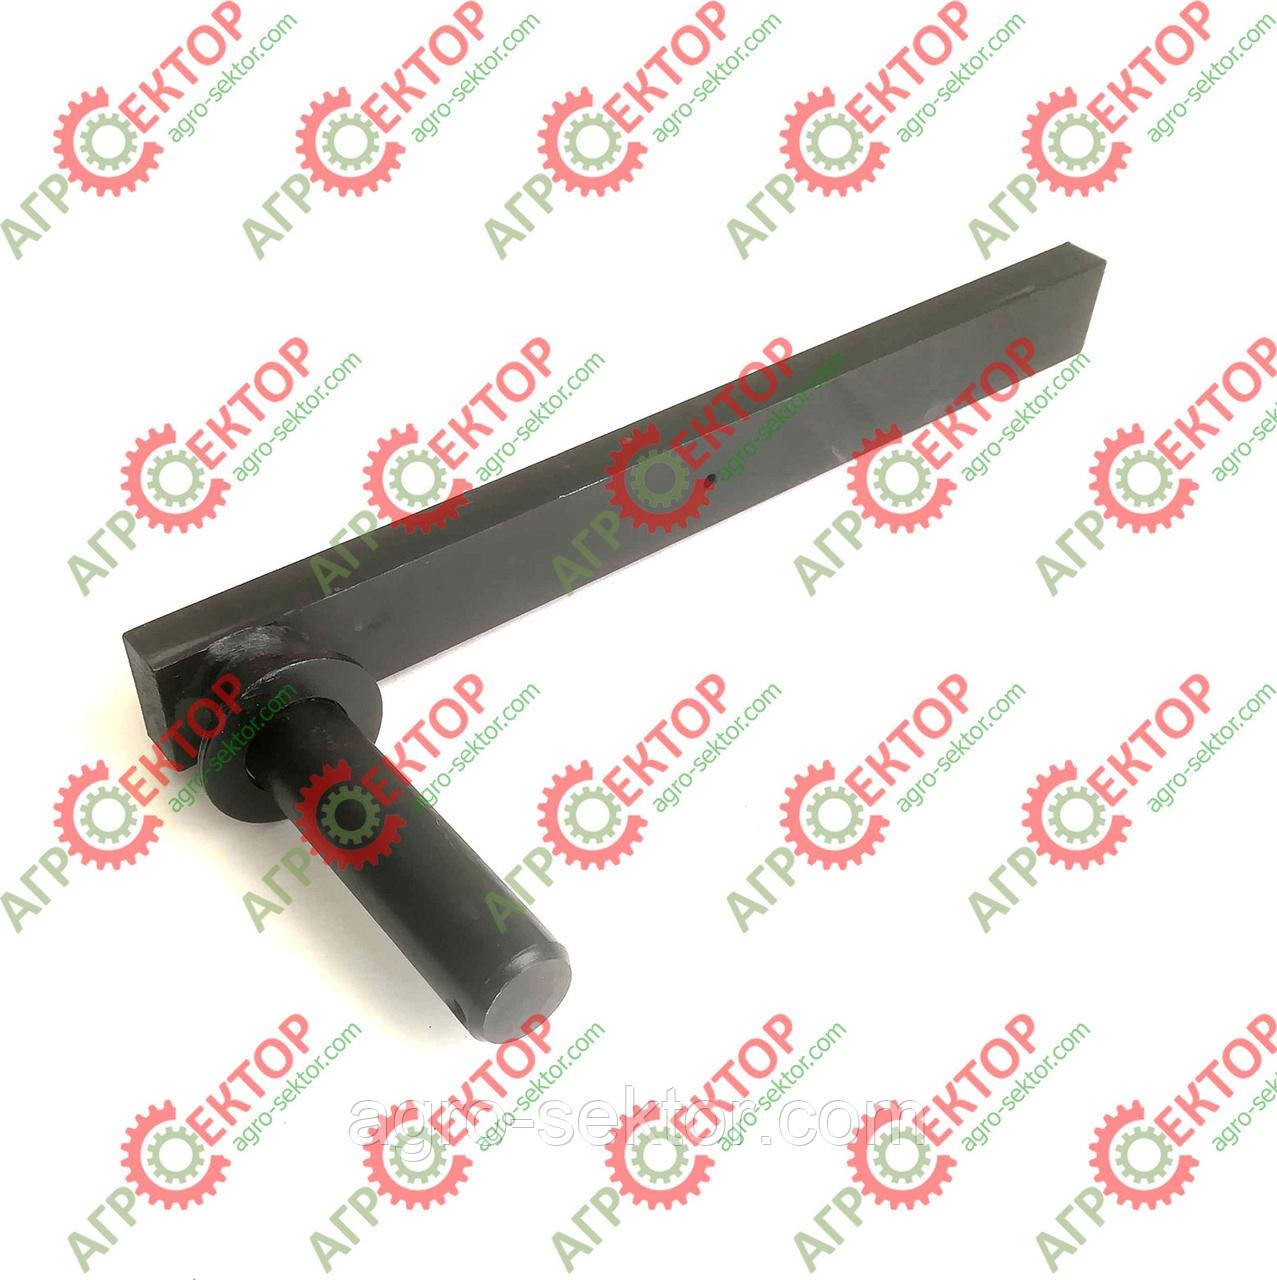 Тримач опорного колеса підбирача на пресс-підбирач Sipma Z-224 2023-130-570.10